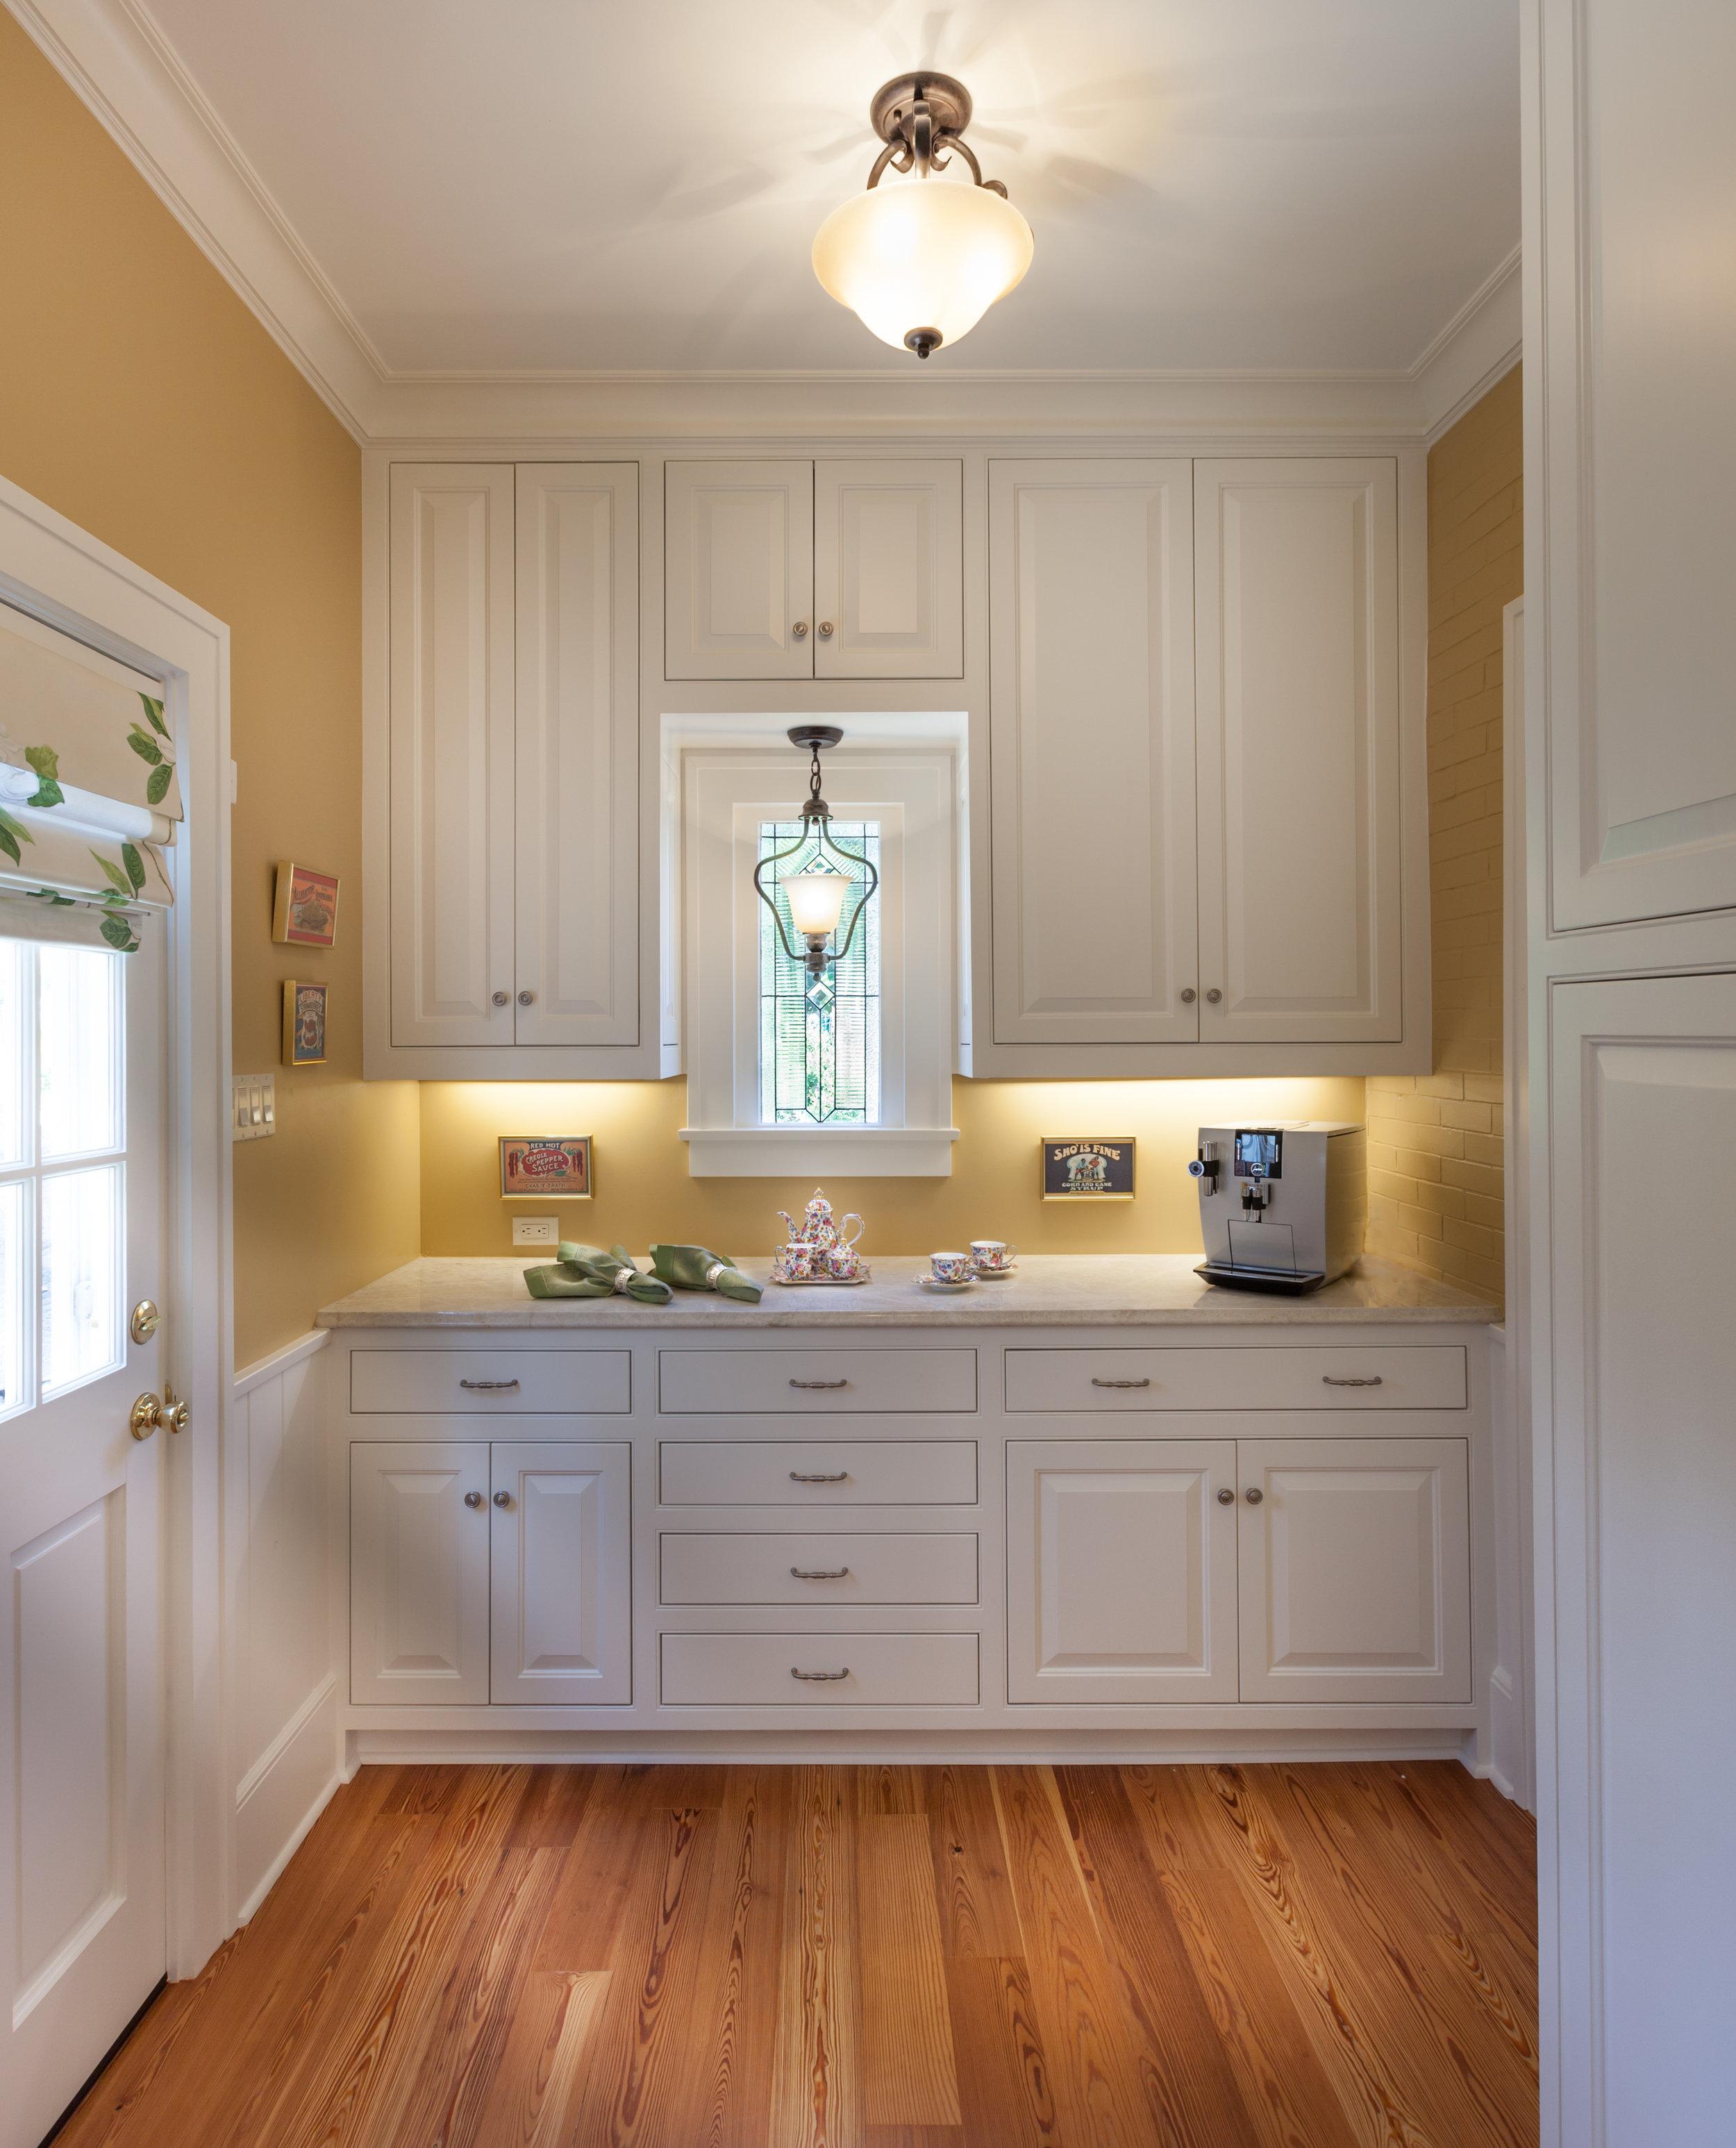 LOUISIANA - Utility Cabinets 1.jpg